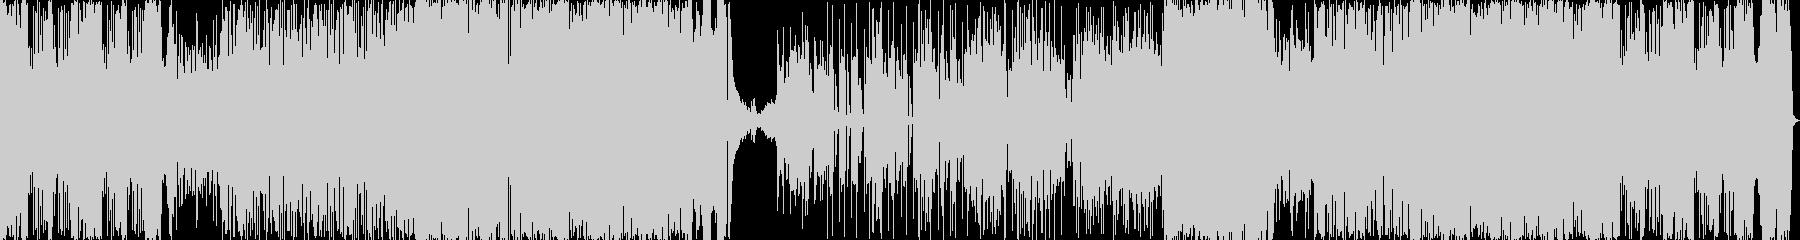 ルパン三世風ジャズの未再生の波形